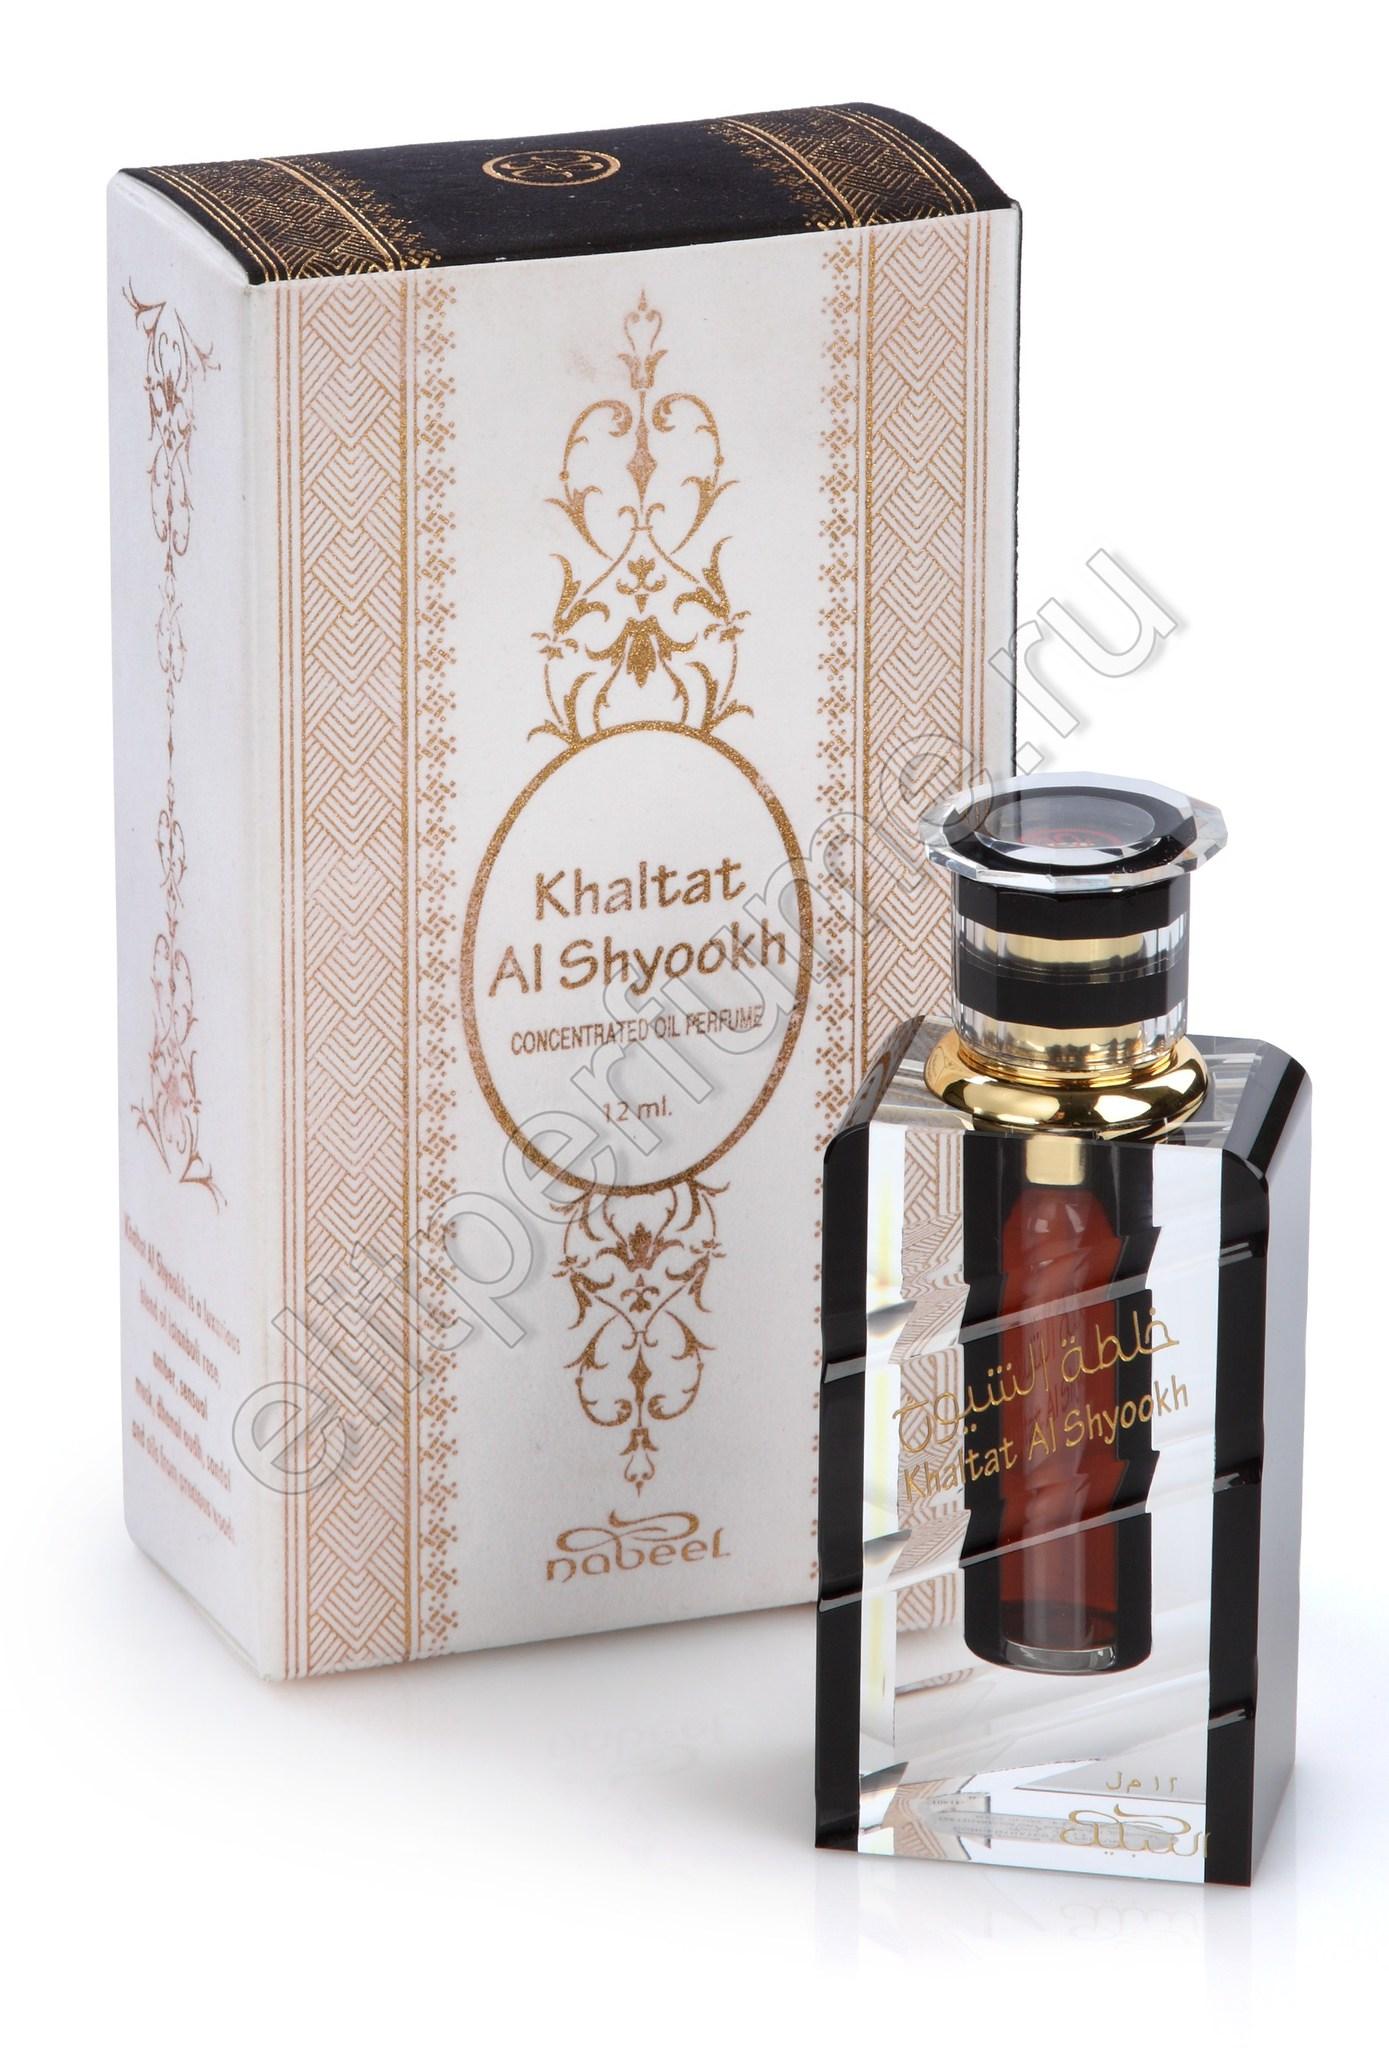 Арабские духи Хальтат Аль-Шайук Khaltat Al Shyookh 12 мл арабские масляные духи от Набиль Nabeel Perfumes